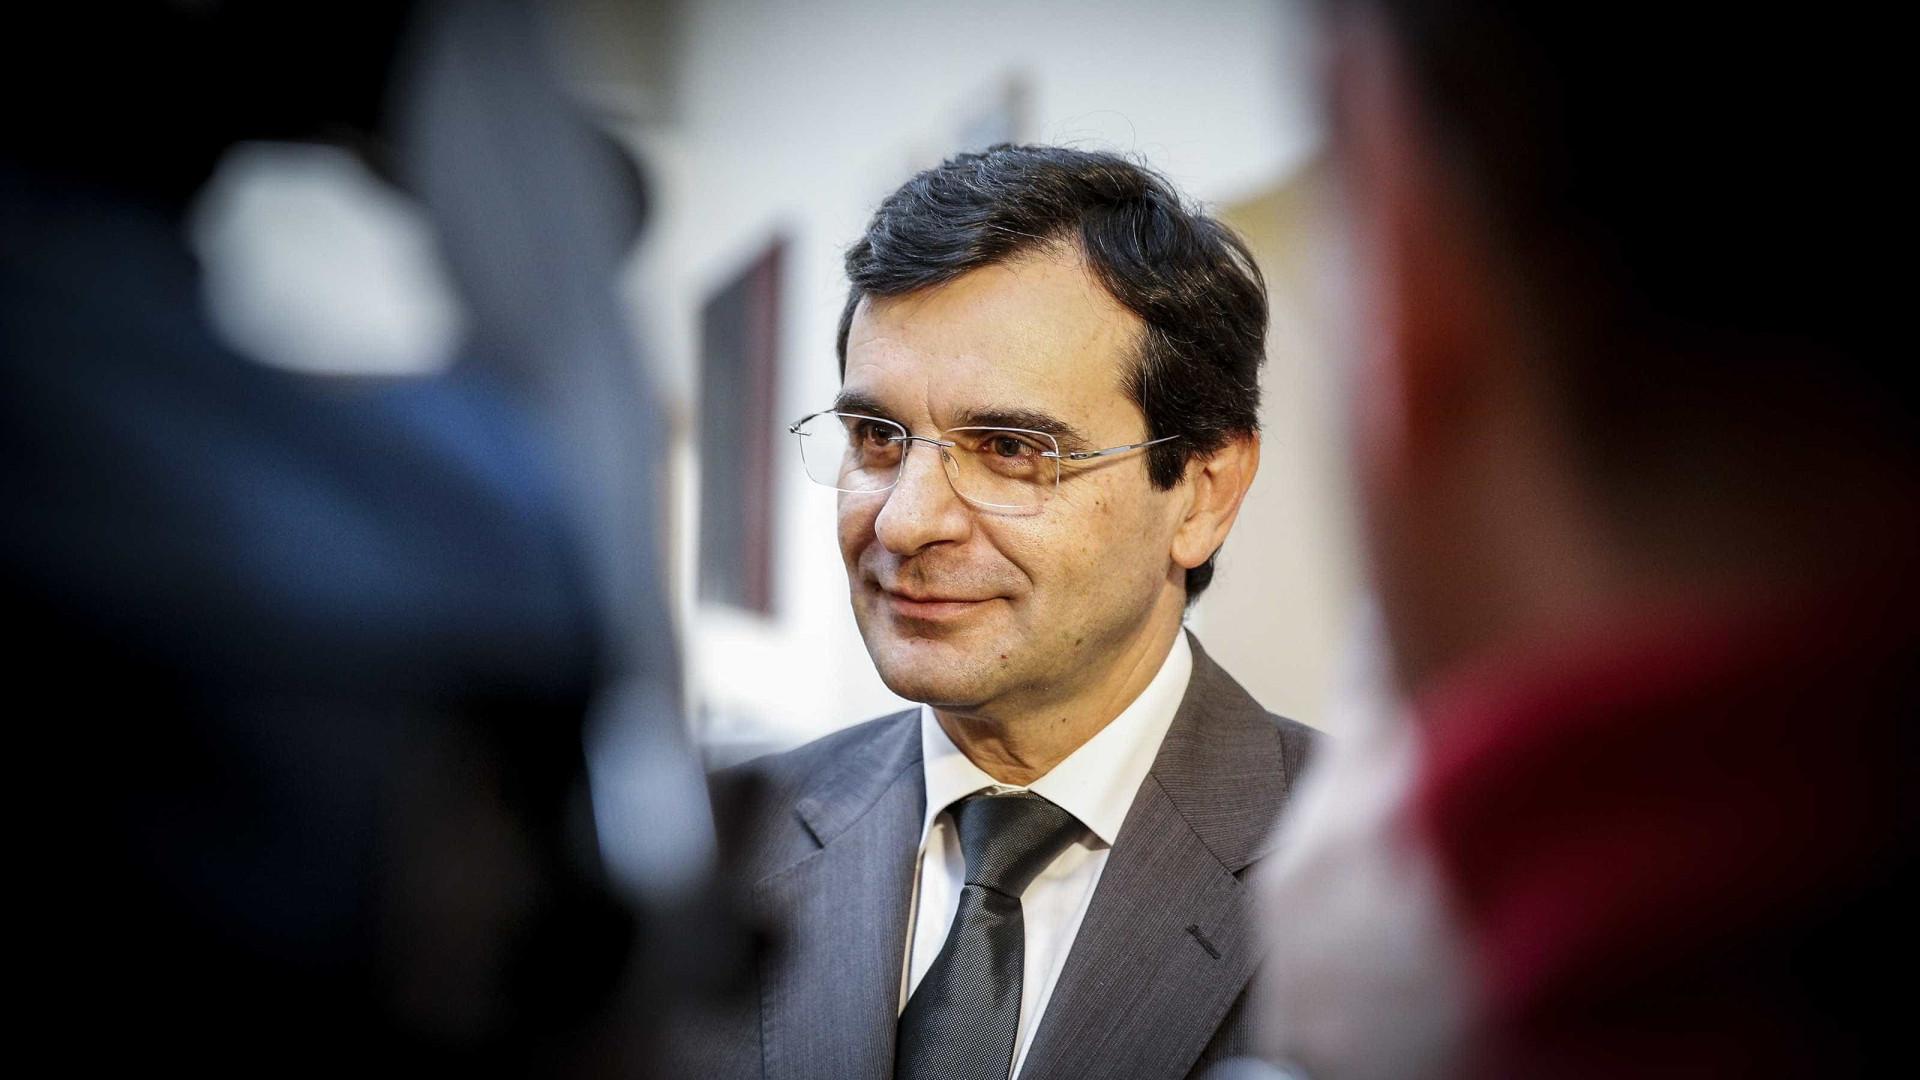 PSD quer confrontar amanhã ministro da Saúde com problemas no setor